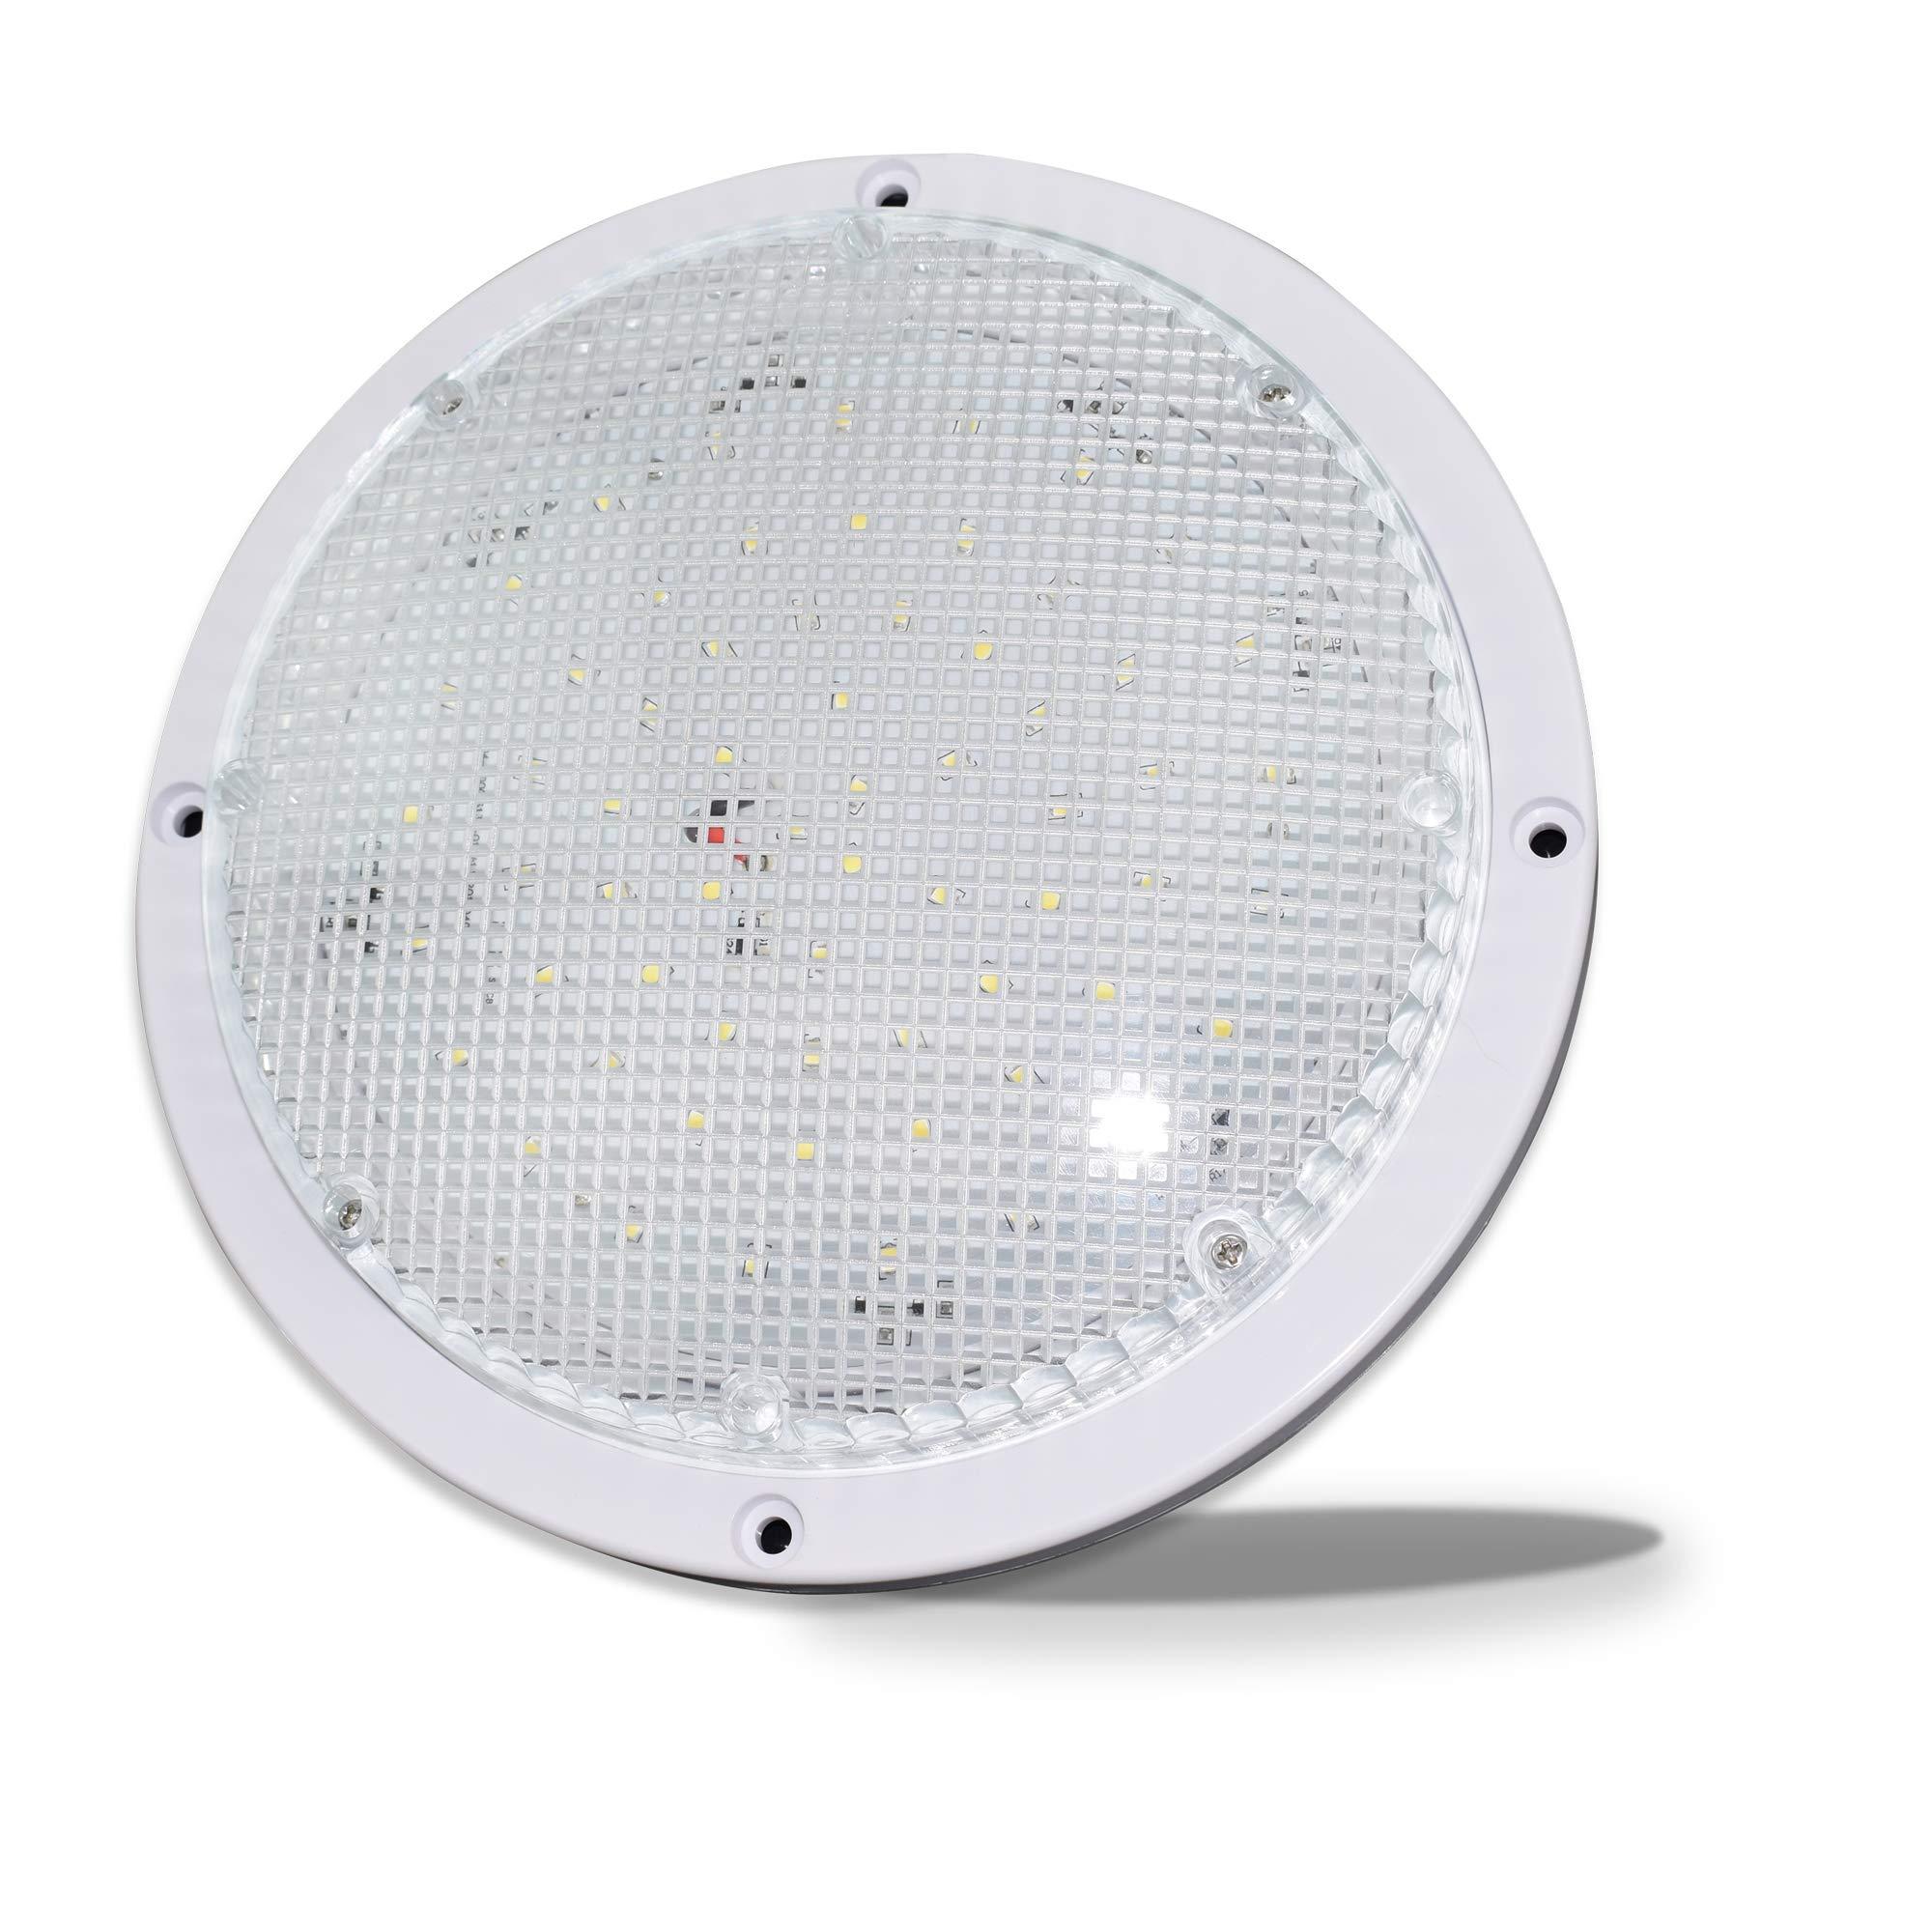 RV Trailer Camper 1000 Lumen 5th Wheel White 8.5'' Round Scare Porch 12V LED Light (LED Light 1000 Lumen) by Leisure LED